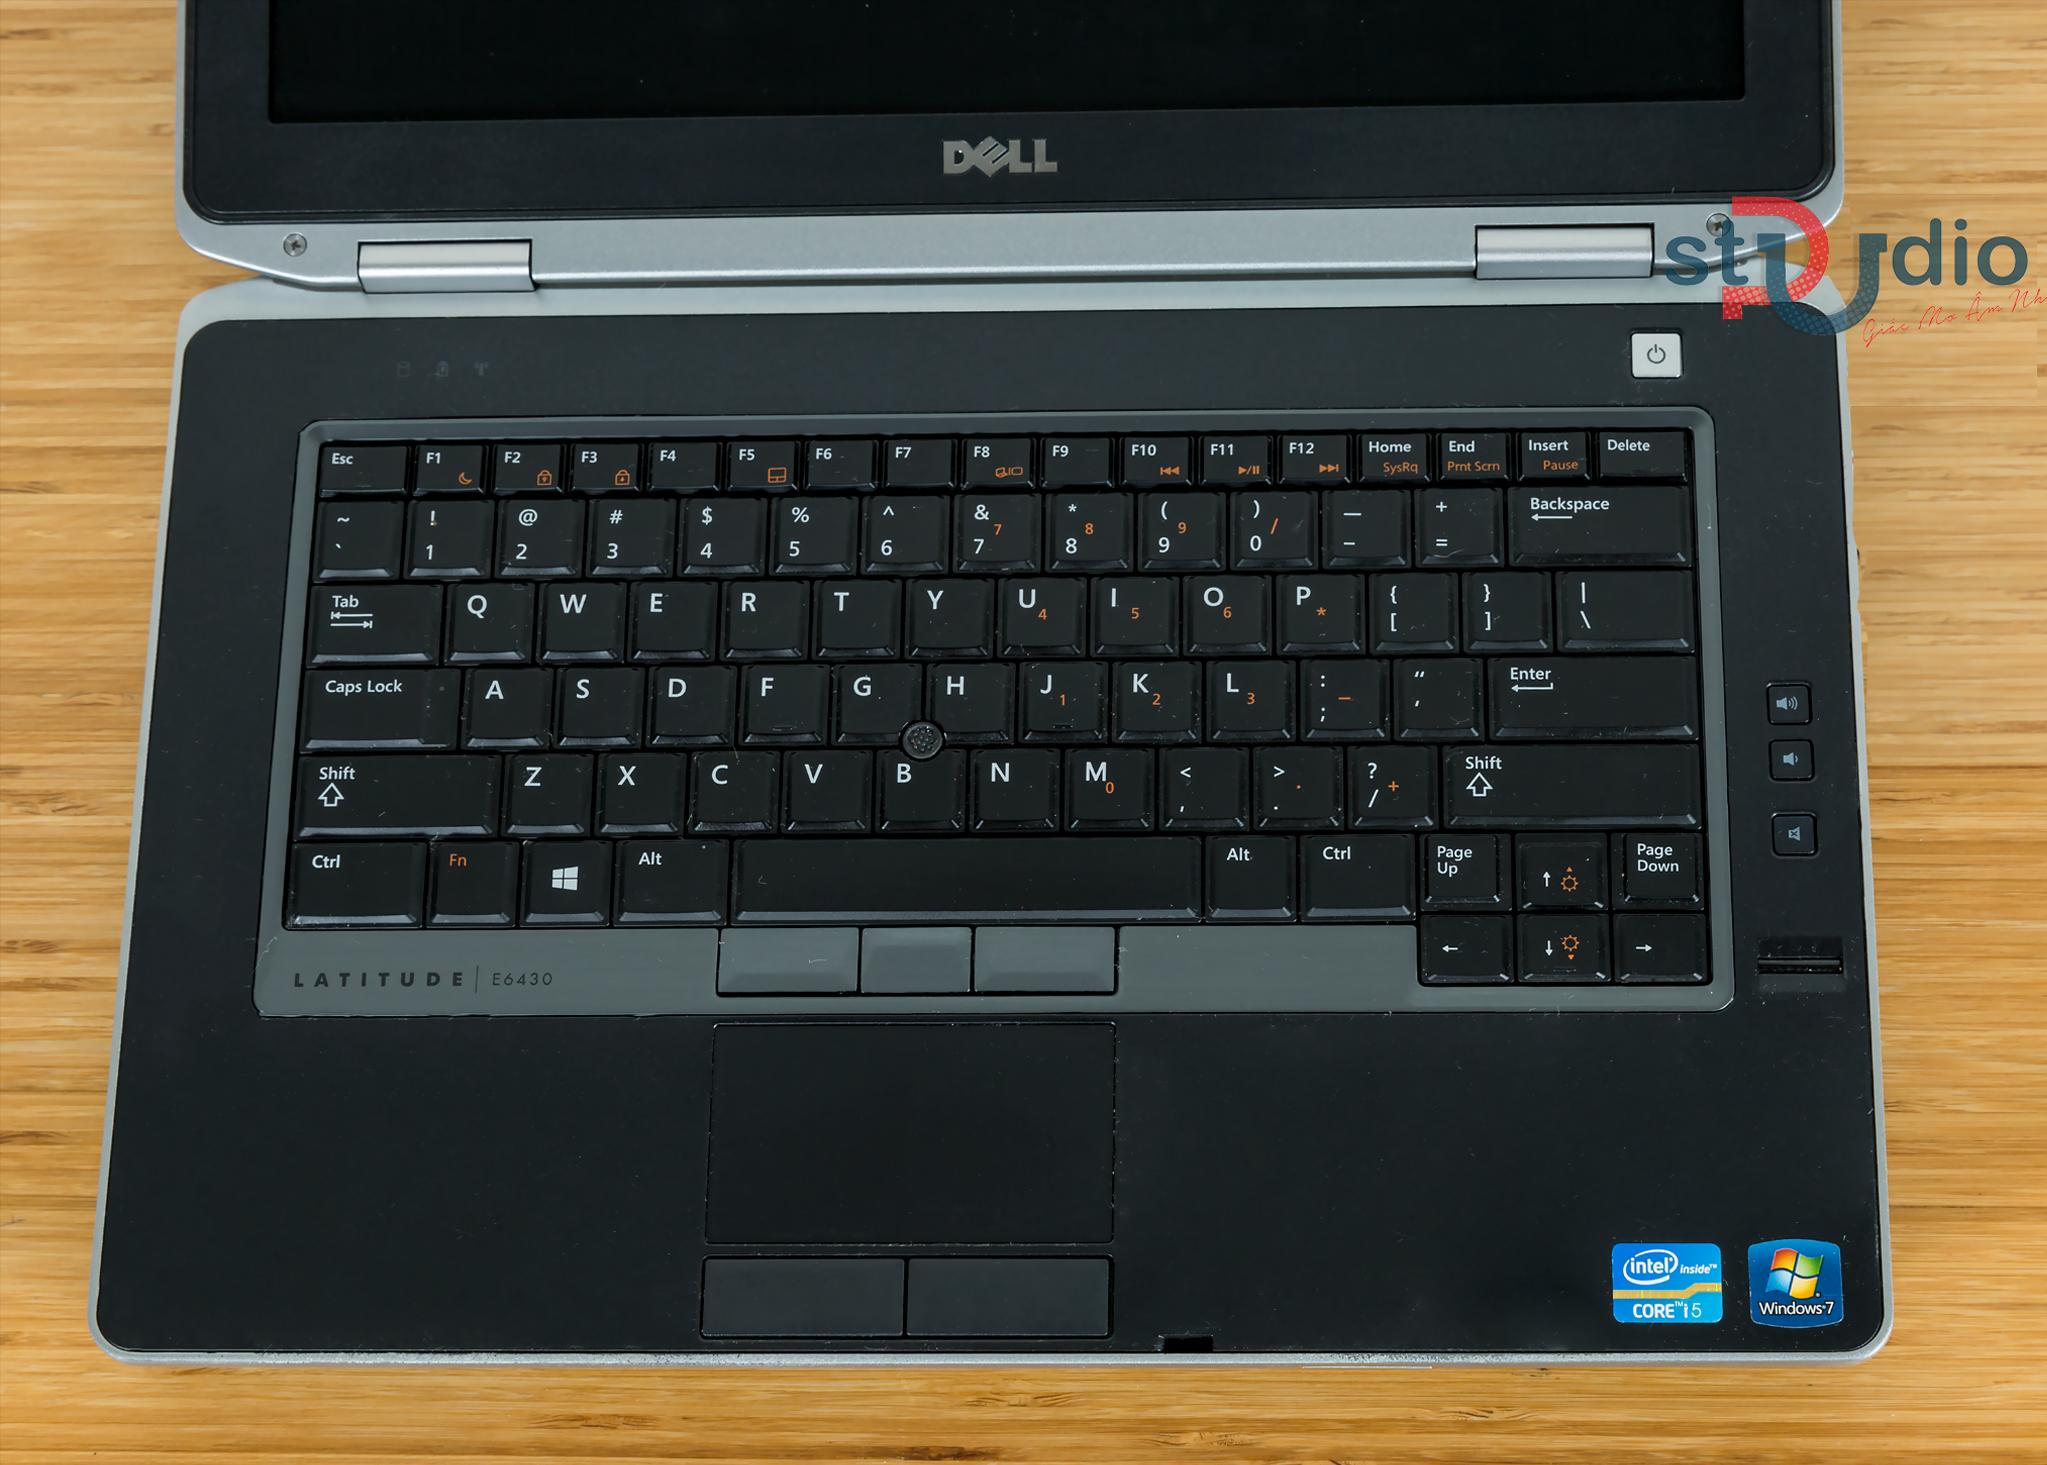 Laptop DELL LATITUDE E6430 - Laptop Full Project Cubase Auto Tune